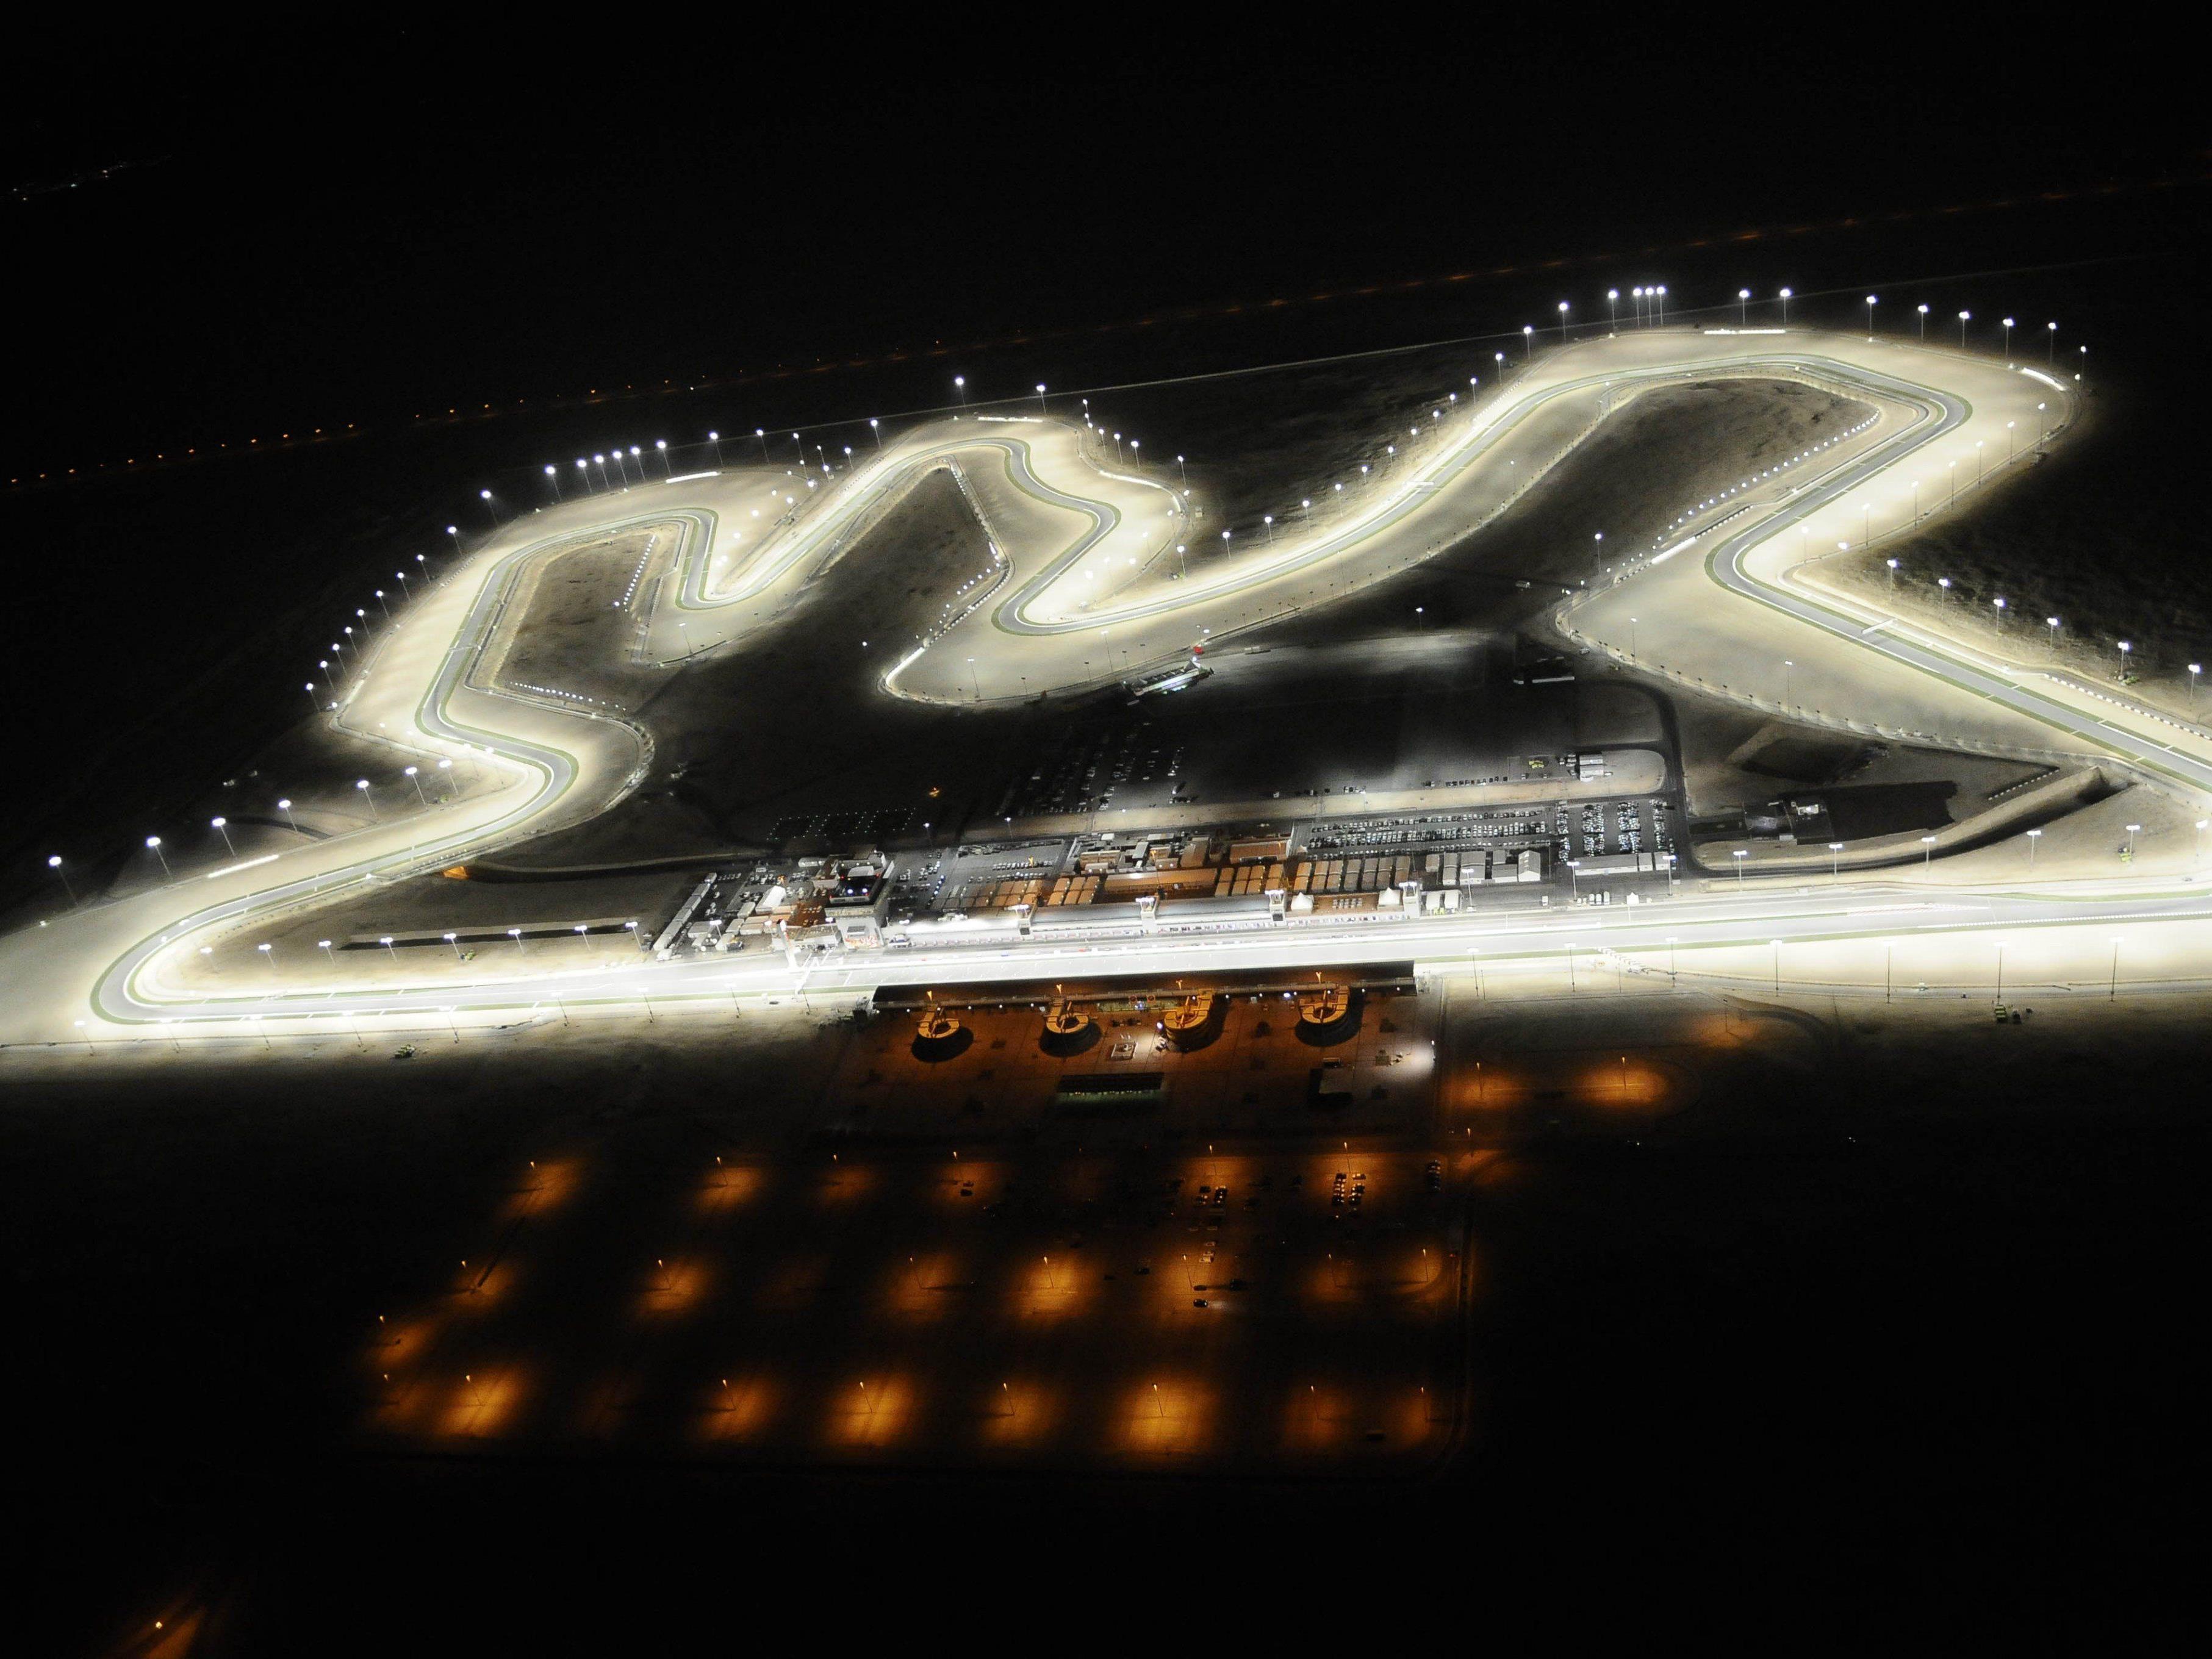 Die MotoGP fährt in Qatar, gegen die Formel 1 legten die Nachbarn ihr Veto ein.